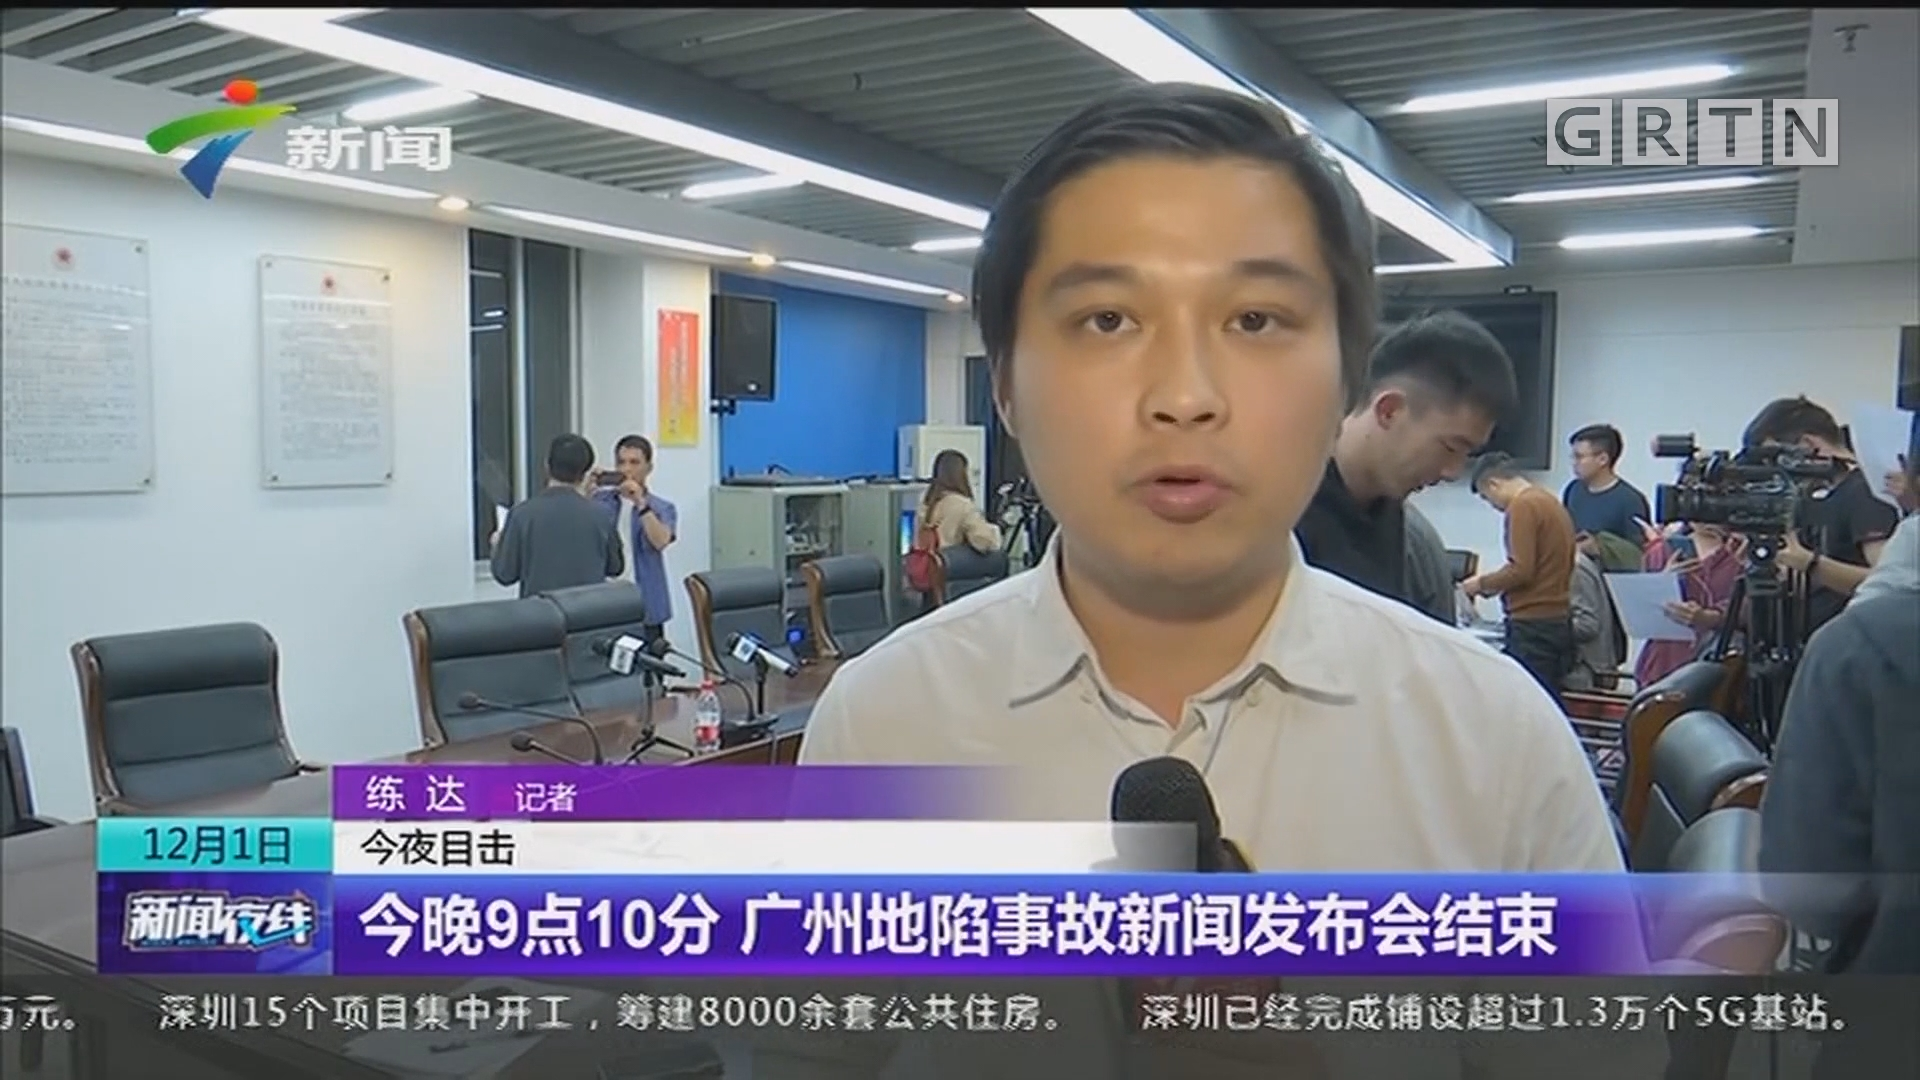 今晚9点10分 广州地陷事故新闻发布会结束